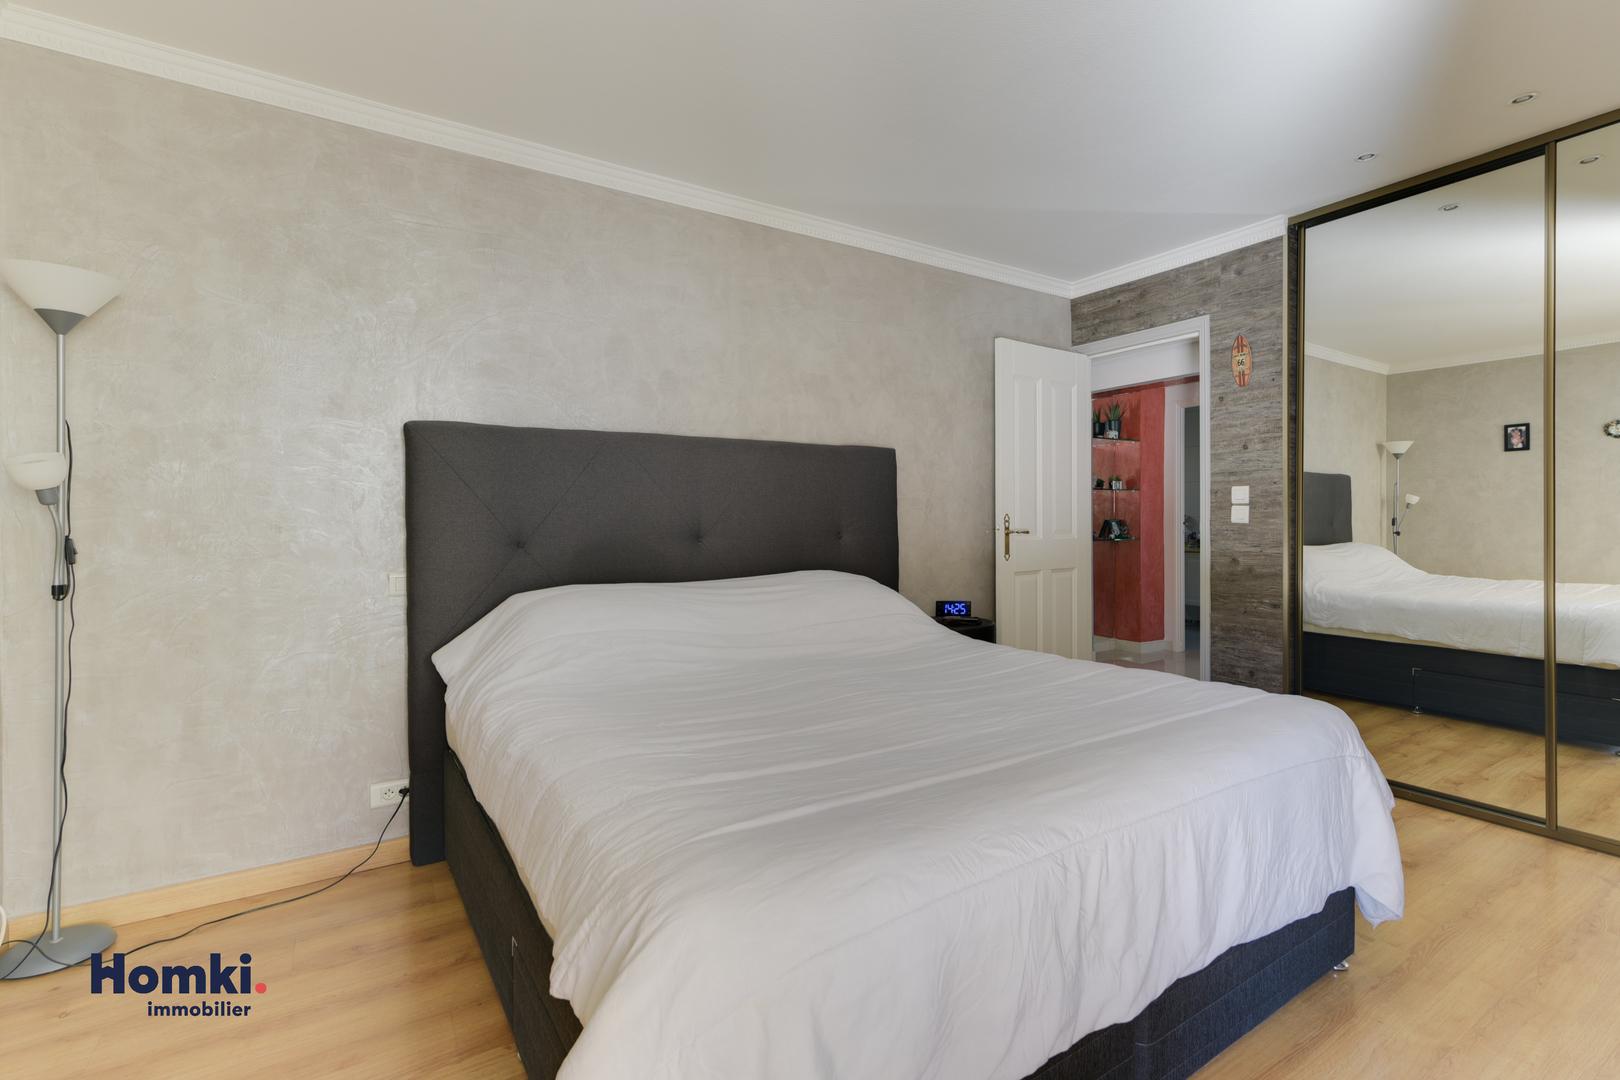 Vente Maison 160 m² T5 06440_5